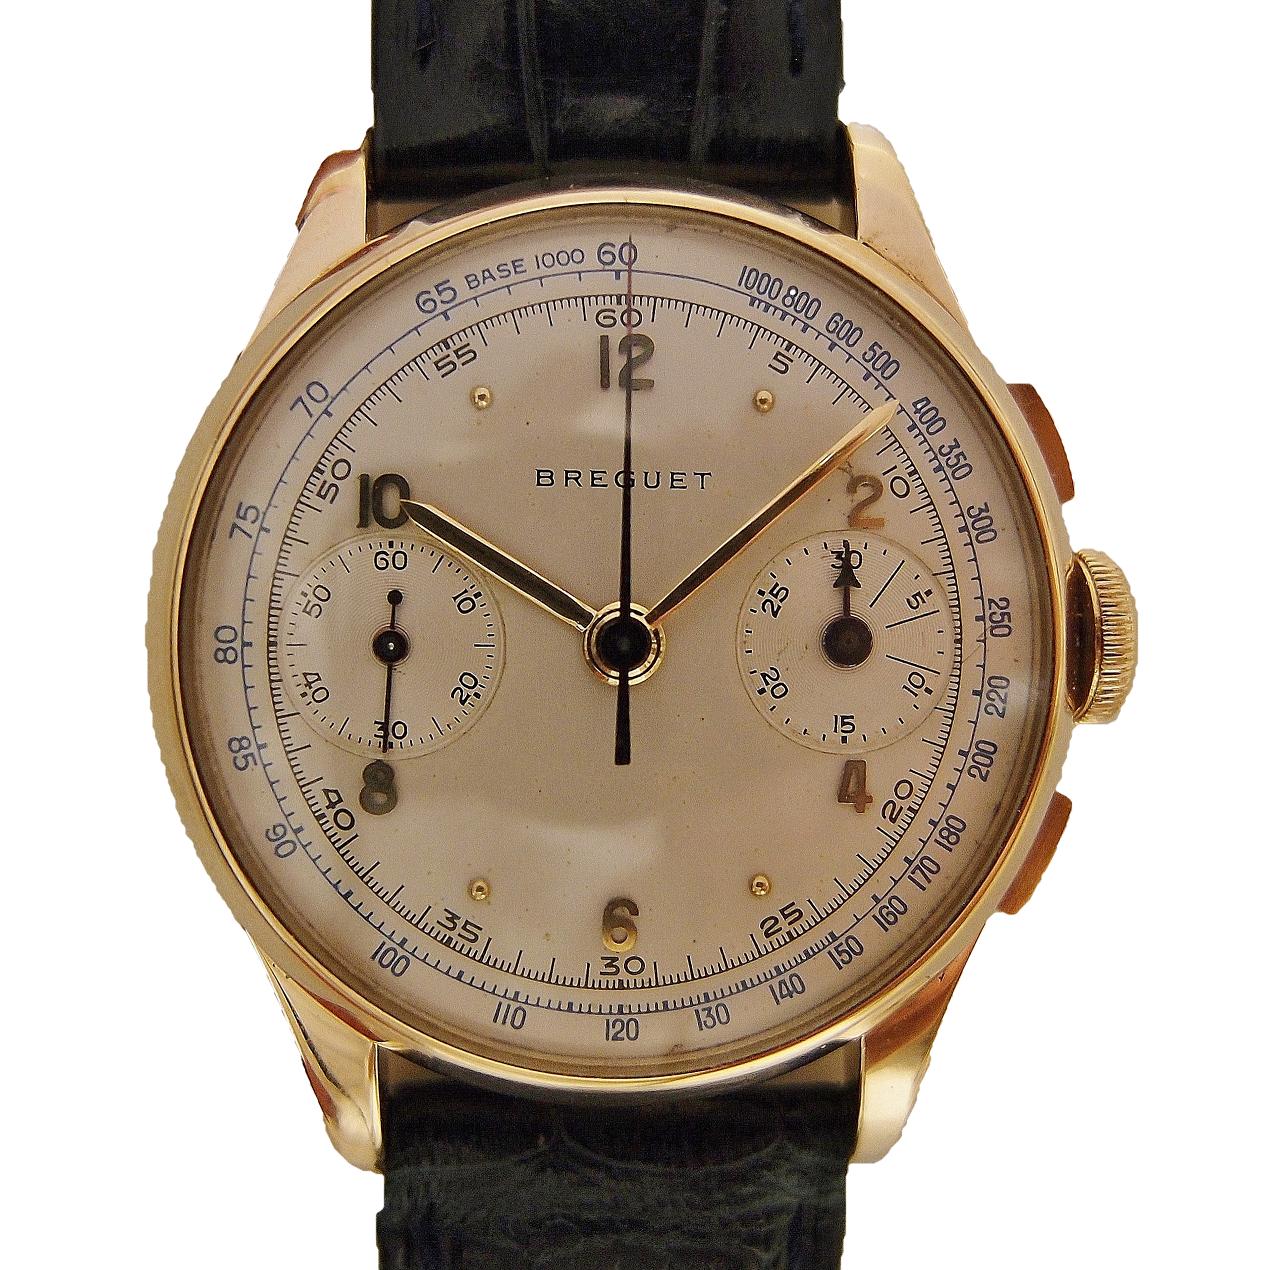 achat et vente de montres anciennes paris en bijouterie horlogerie achats bijoux bottazzi. Black Bedroom Furniture Sets. Home Design Ideas